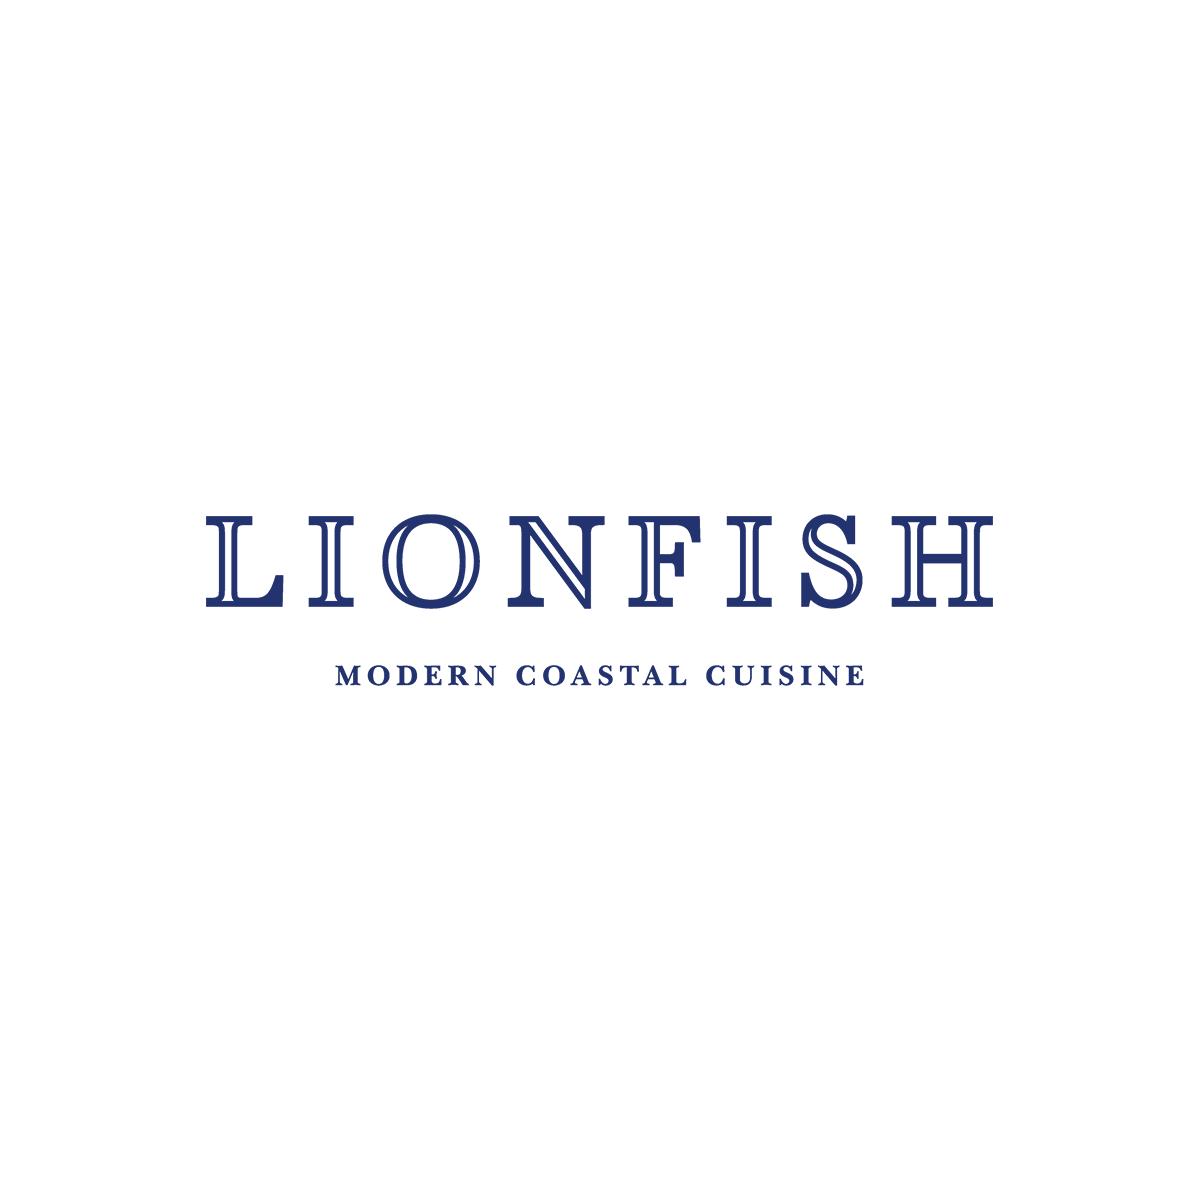 Lionfish-Logo gaslamp san diego